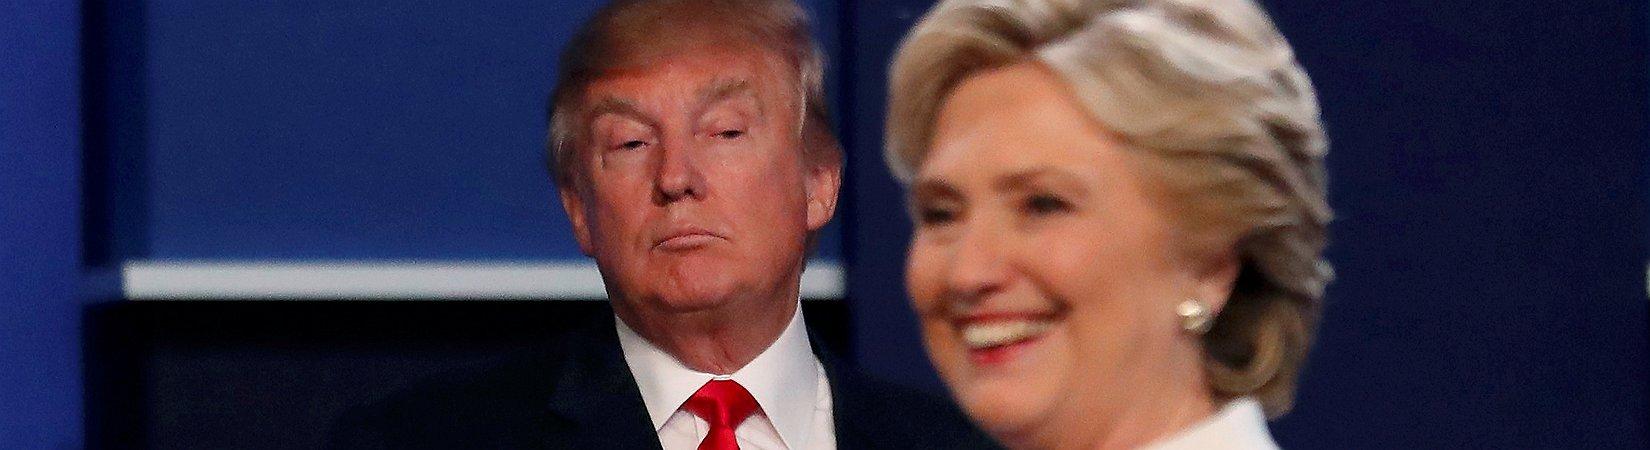 ¿Cómo preparar una cartera para una presidencia de Trump o Clinton?